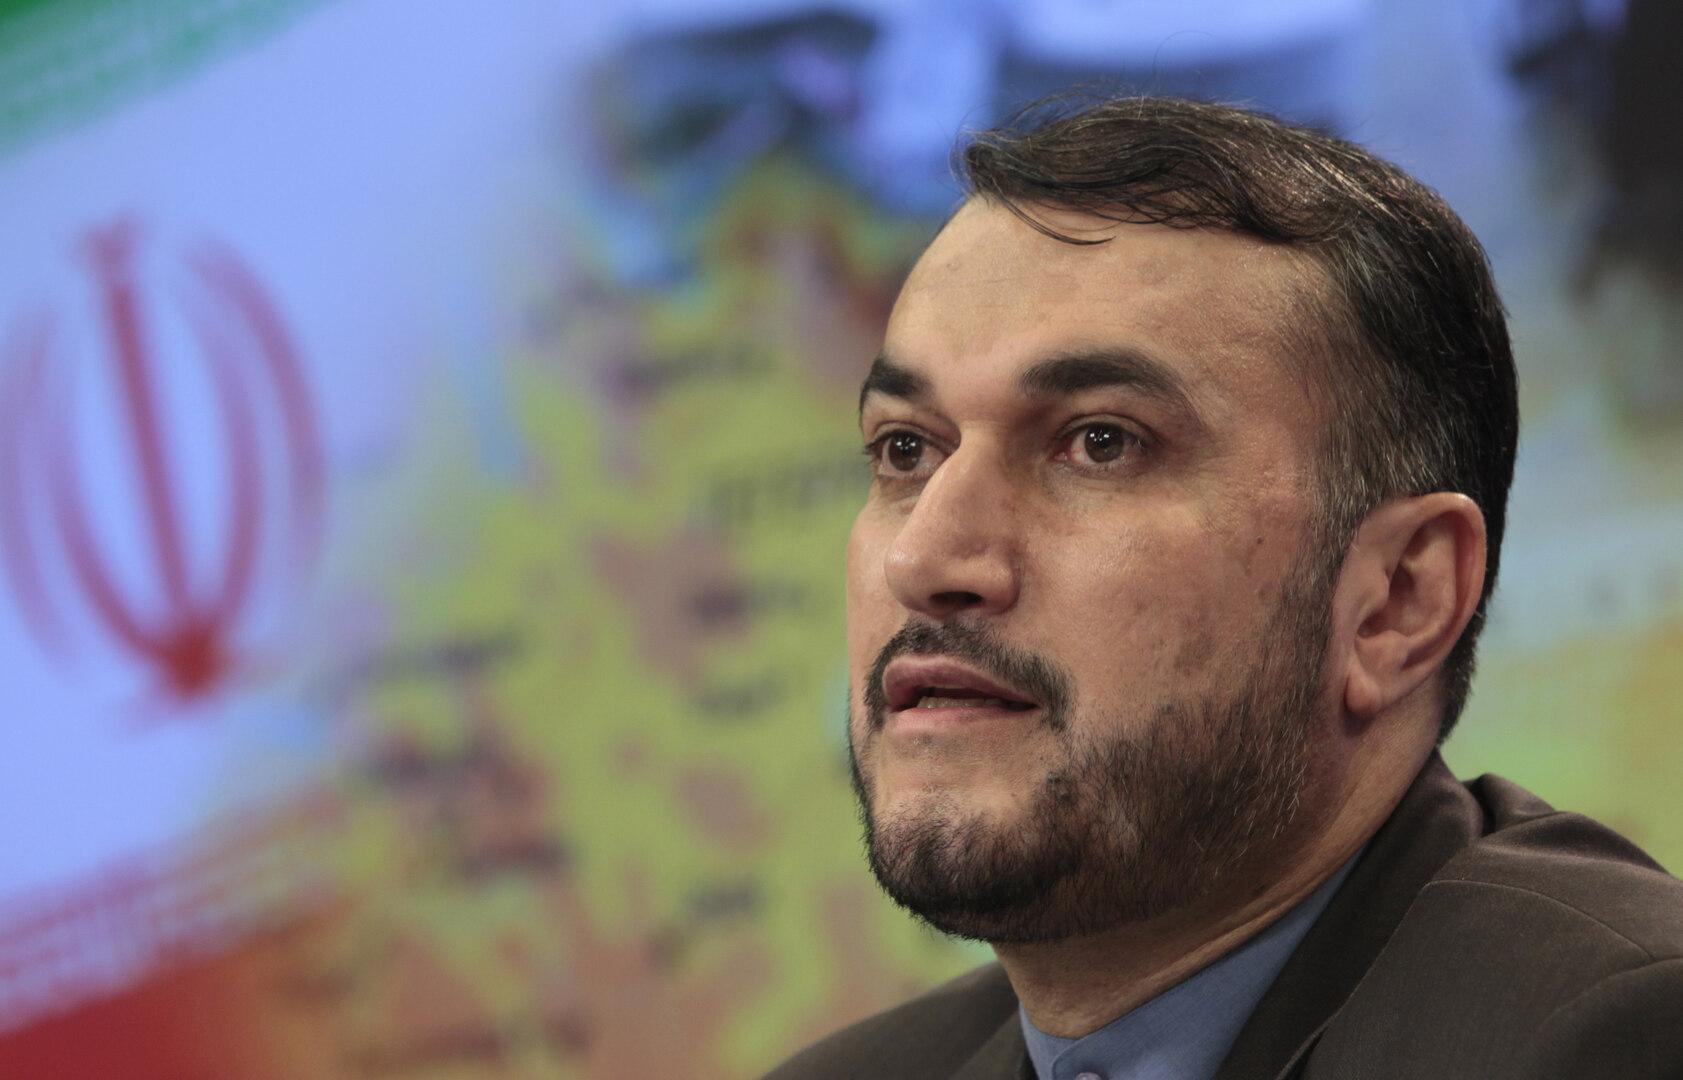 عبد اللهيان: ترميم العلاقات الثنائية مع بريطانيا يحتاج لخطوات جادة